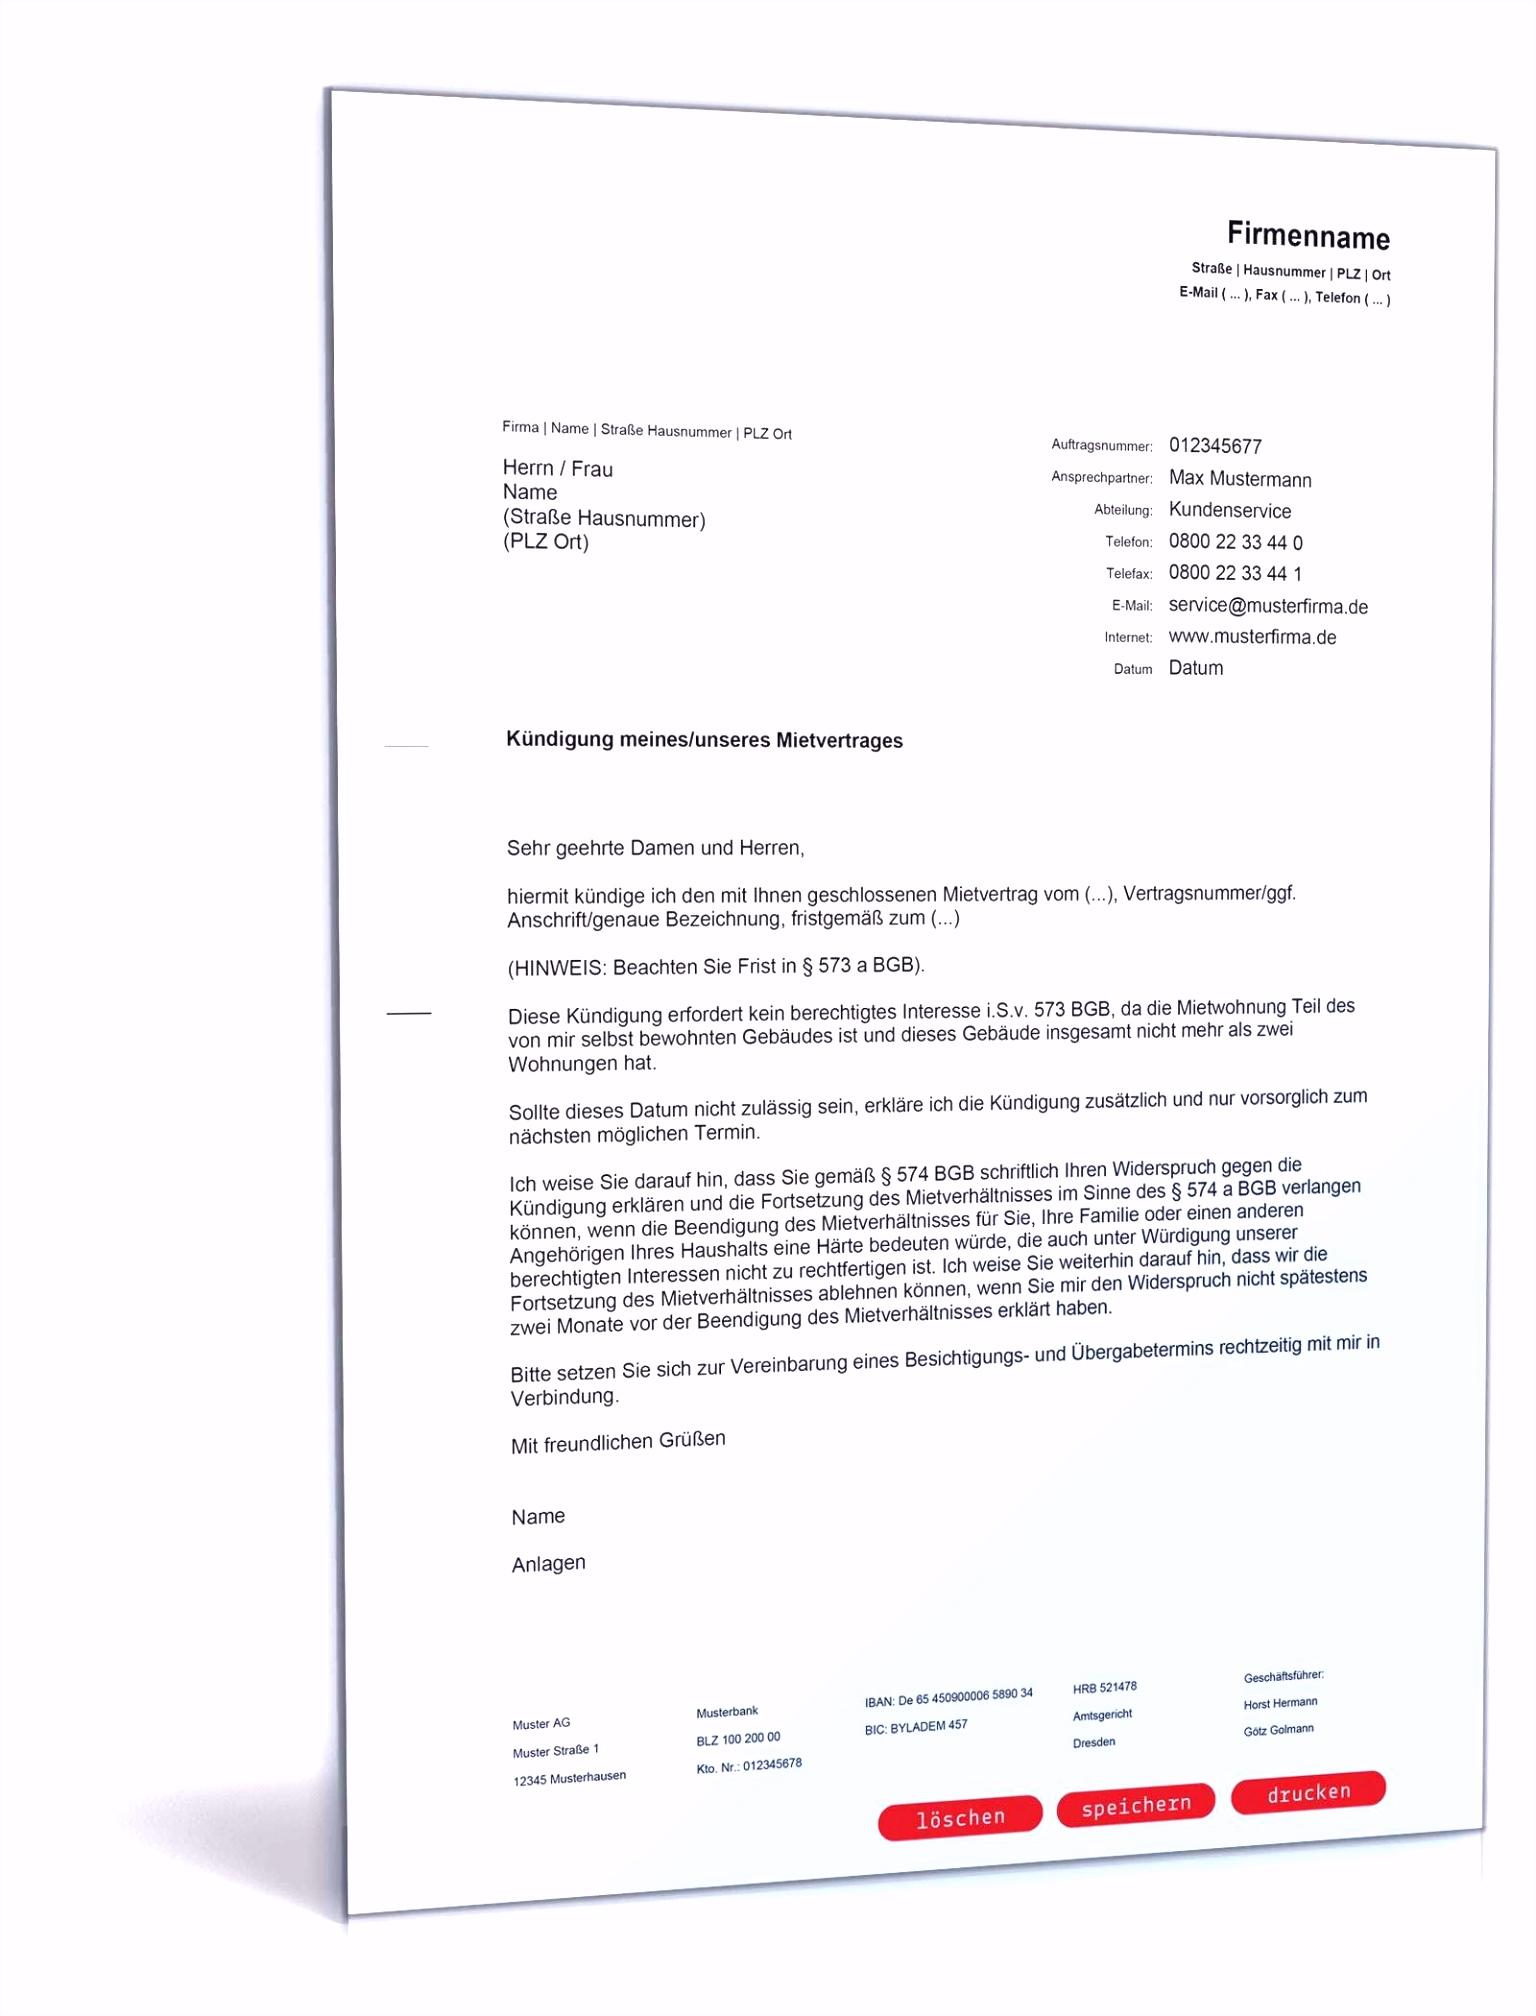 Vereinbarung Kündigung Beautiful Schön Kabel Deutschland Kündigung